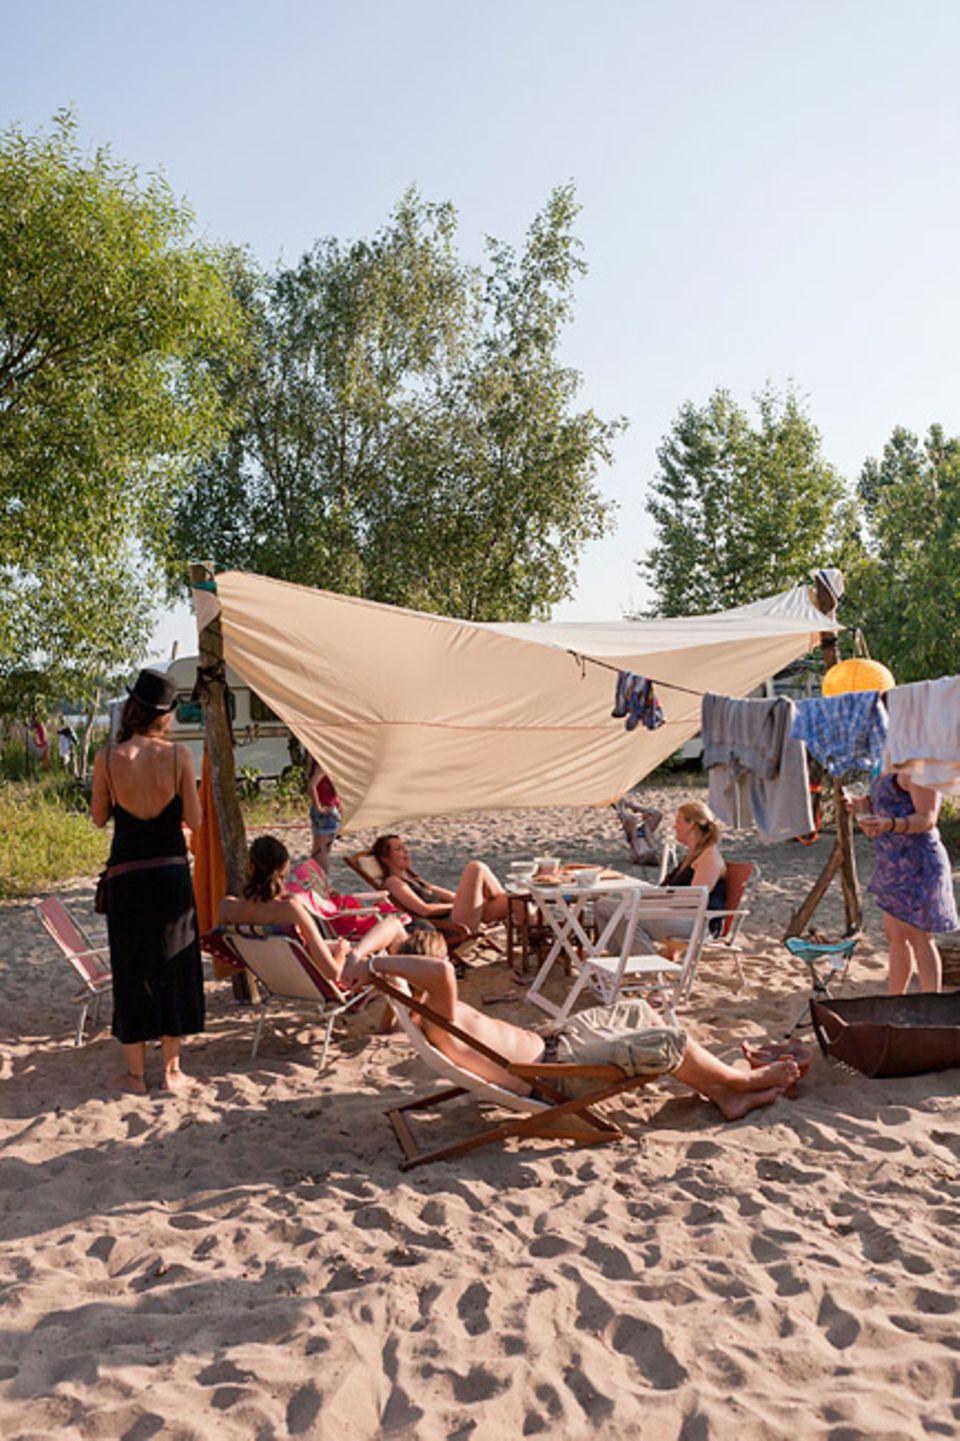 Hamburg: Das Elbecamp ist besonders bei Familien beliebt, Kinder können hier am Wasser spielen, während die Eltern in der Hängematte entspannen